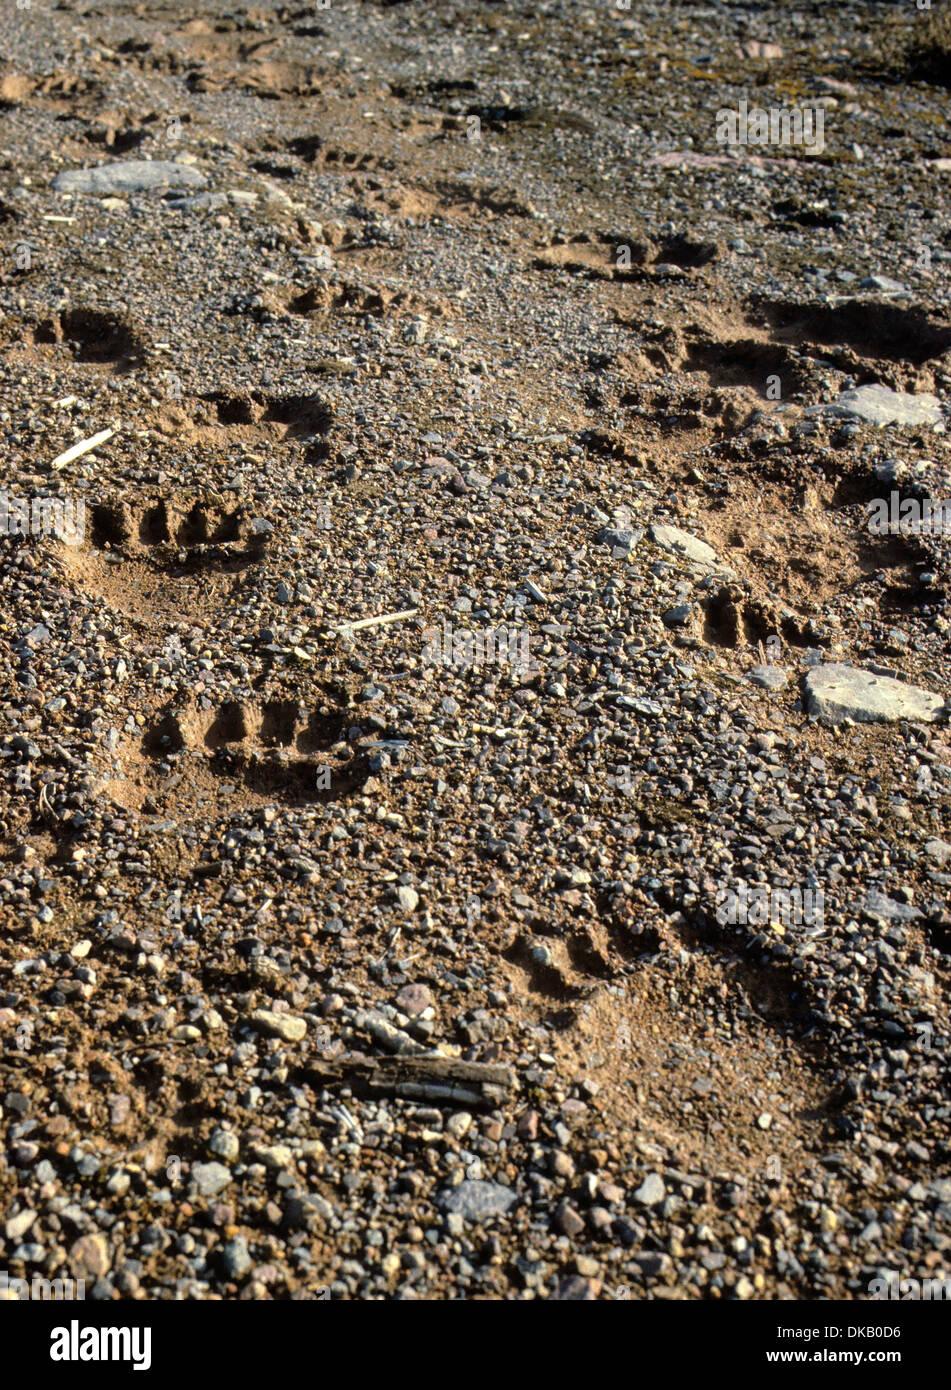 Footprint of the brown bear, brown bear (Ursus arctos), Fußspur des Braunbärs, Braunbär (Ursus arctos) Stock Photo